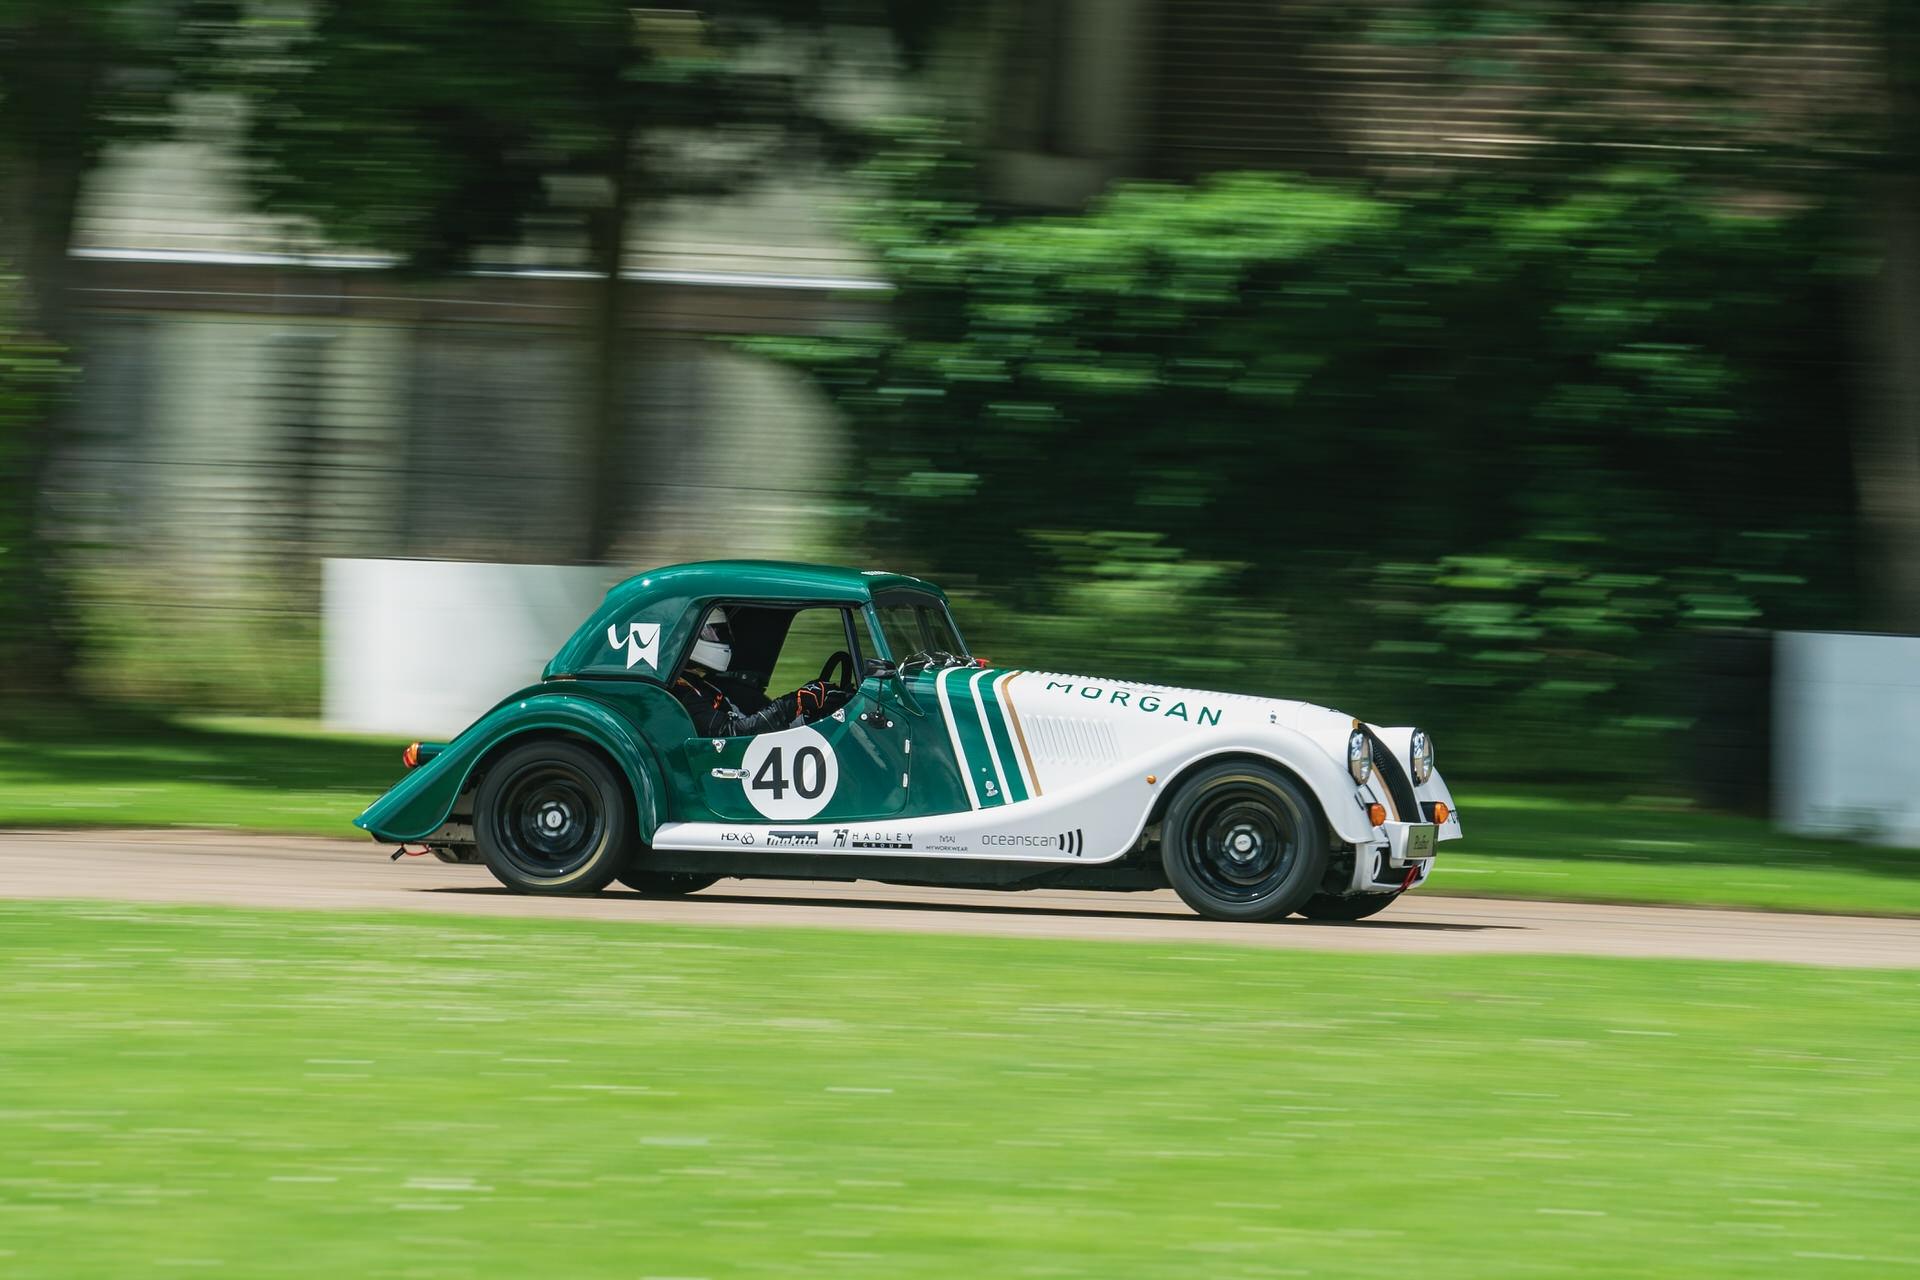 Morgan Plus Four racer action